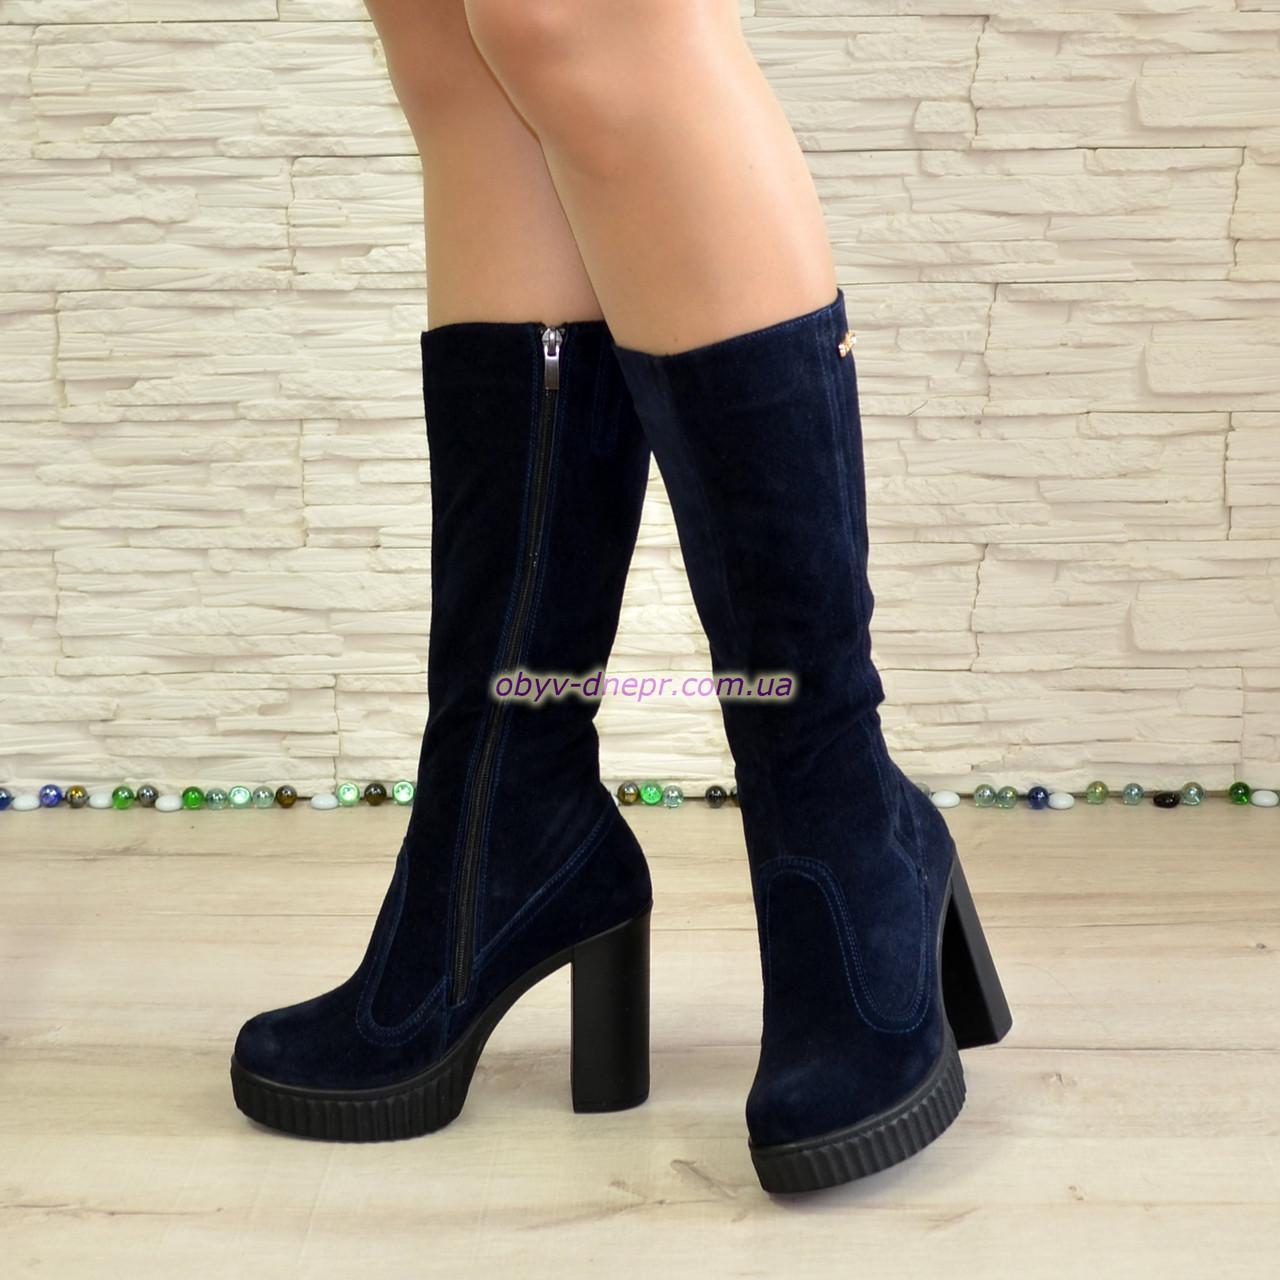 ... Сапоги зимние замшевые женские на высоком каблуке bf26e16b1f20b